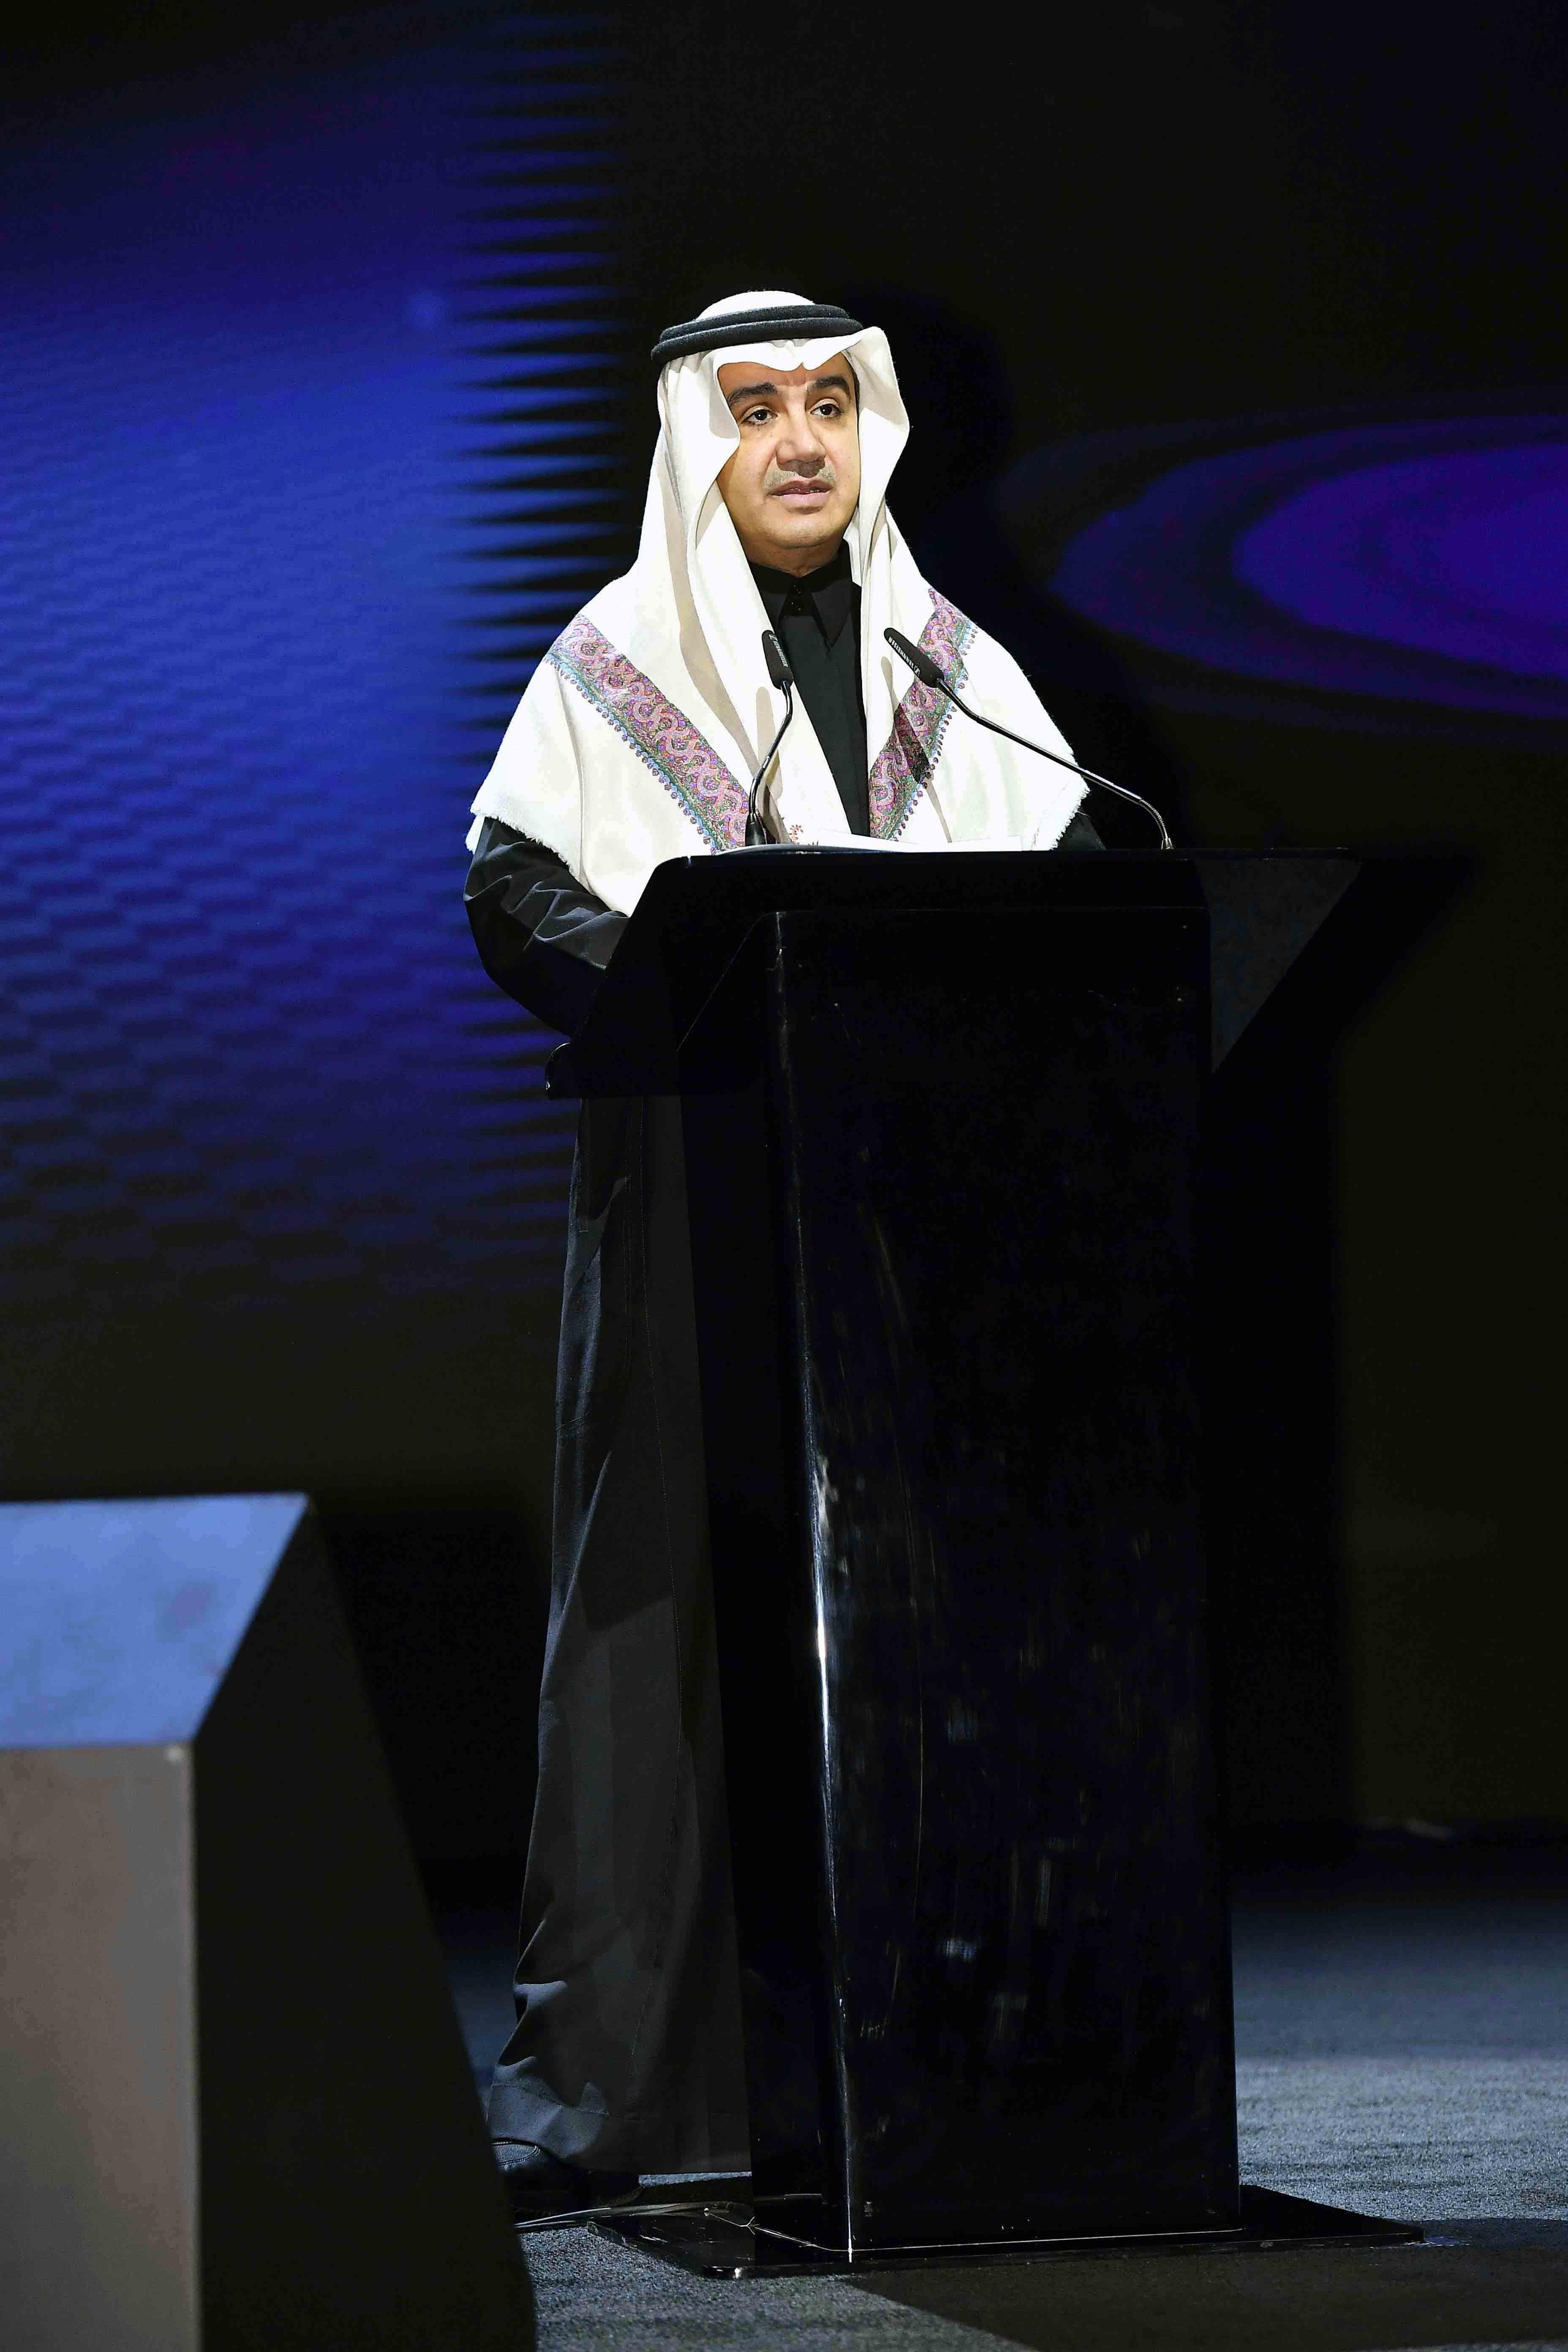 الشيخ وليد آل إبراهيم